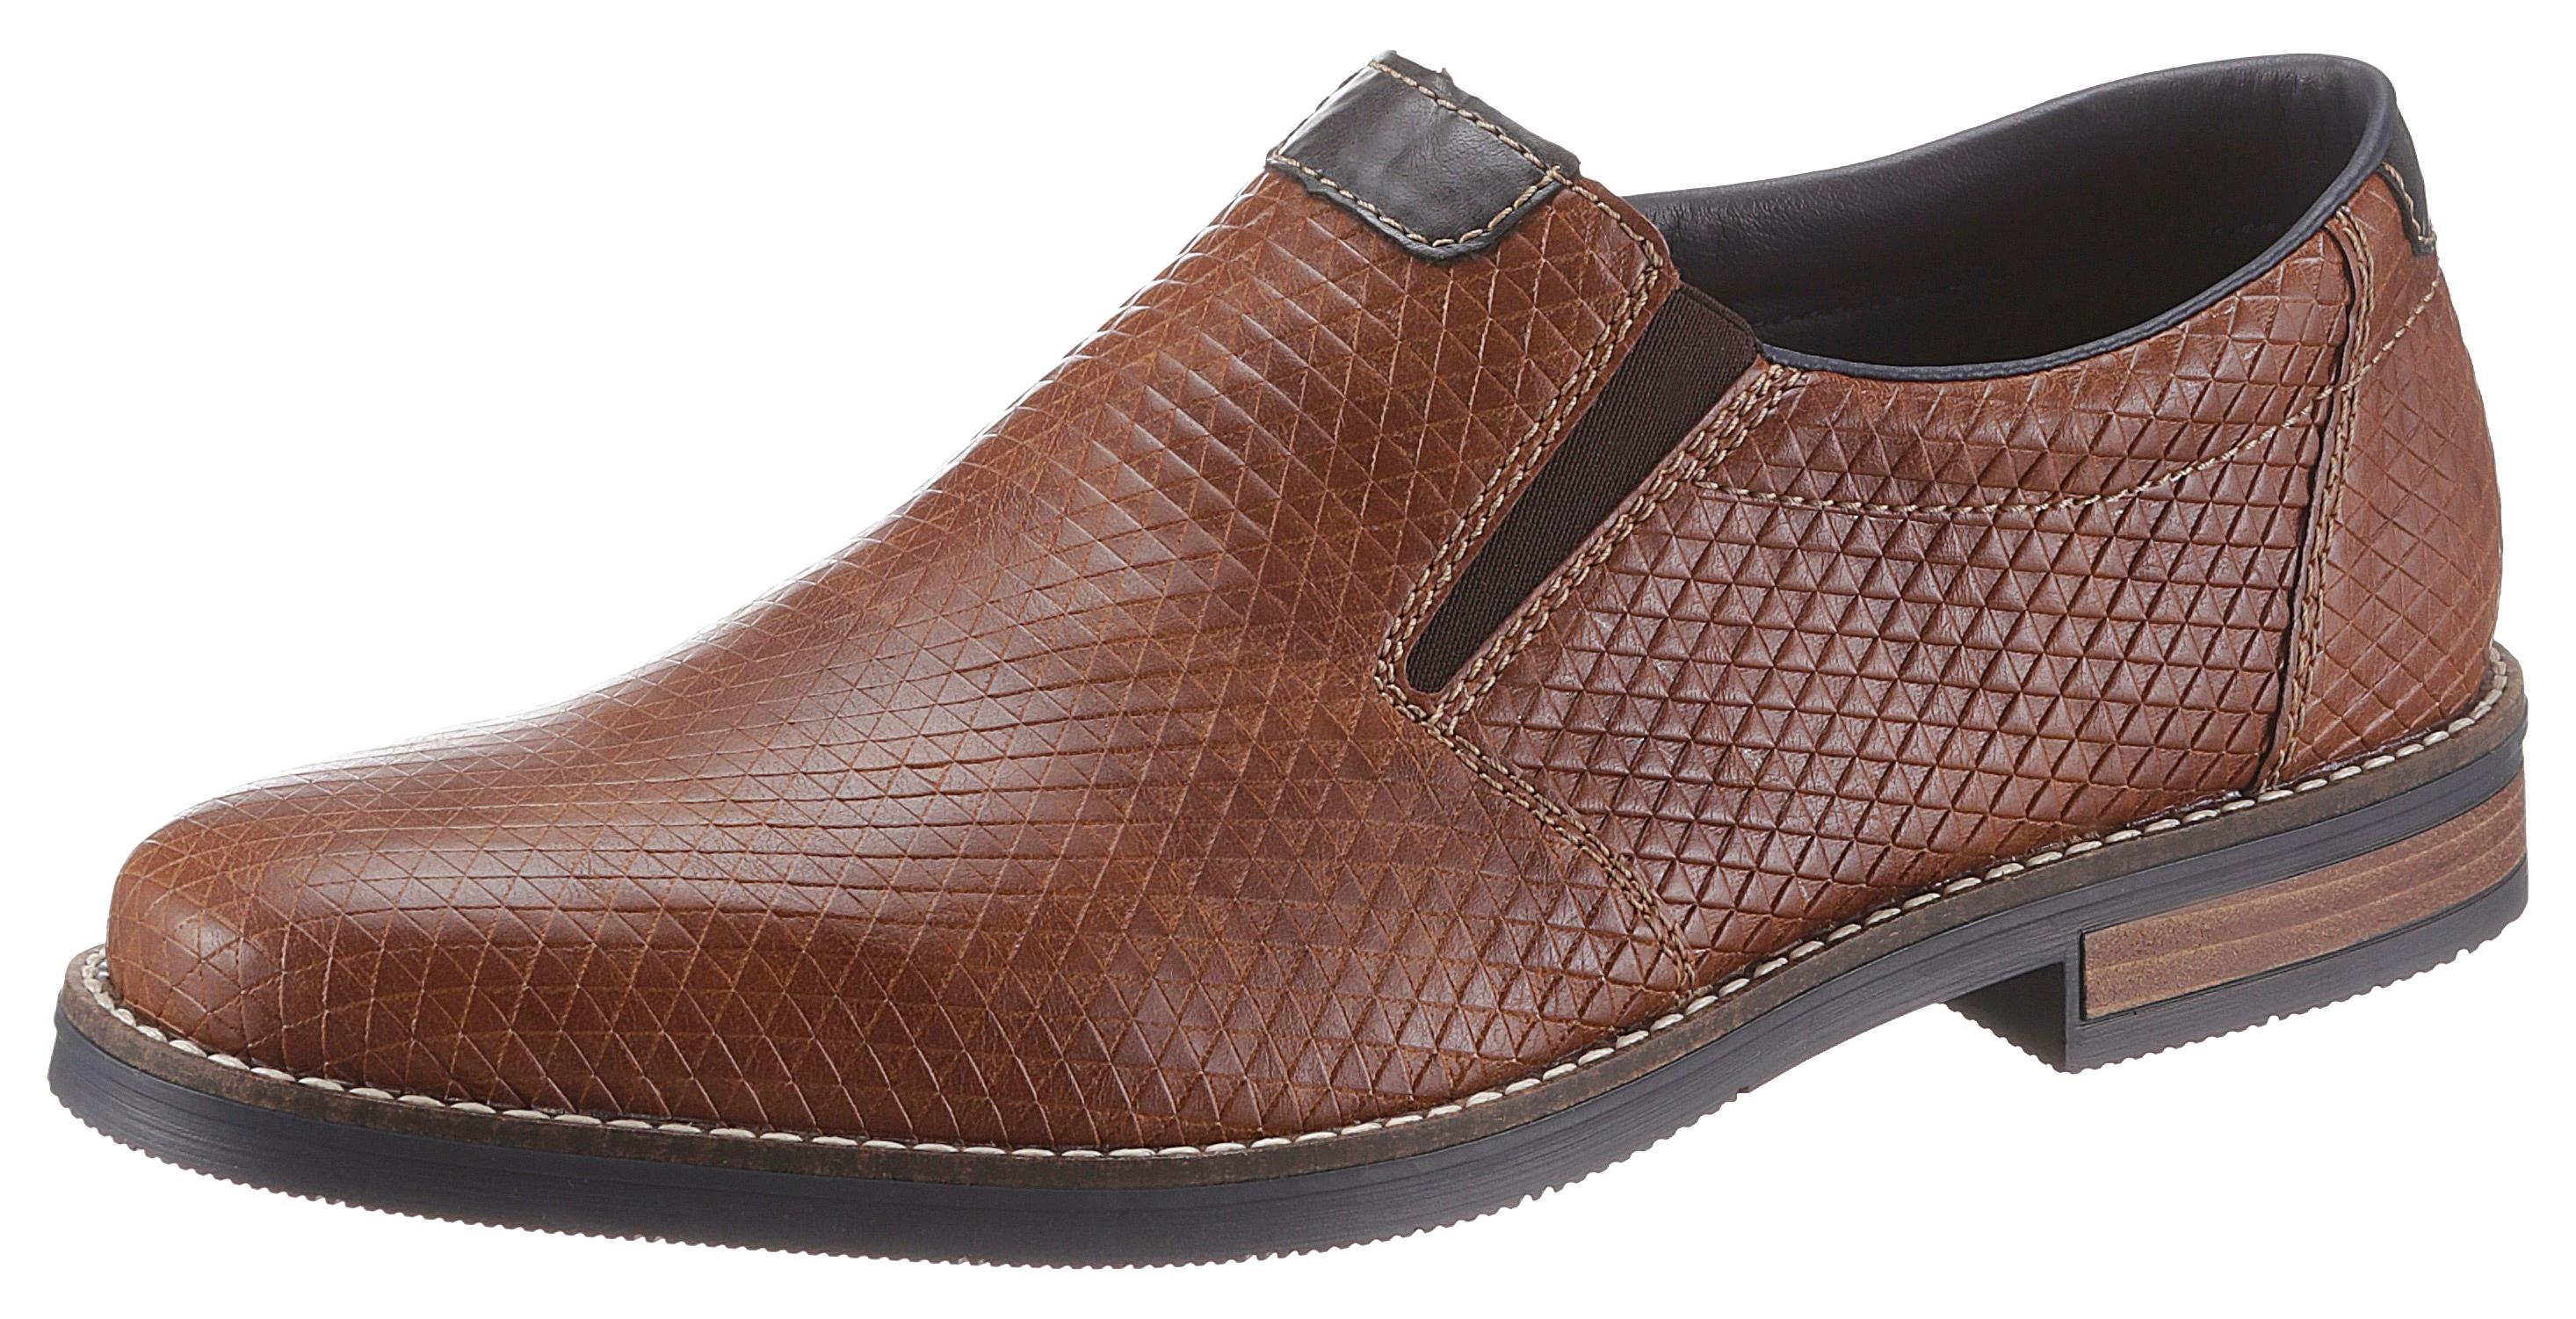 Rieker Slipper, mit moderner Prägung braun Herren Slipper Sneaker